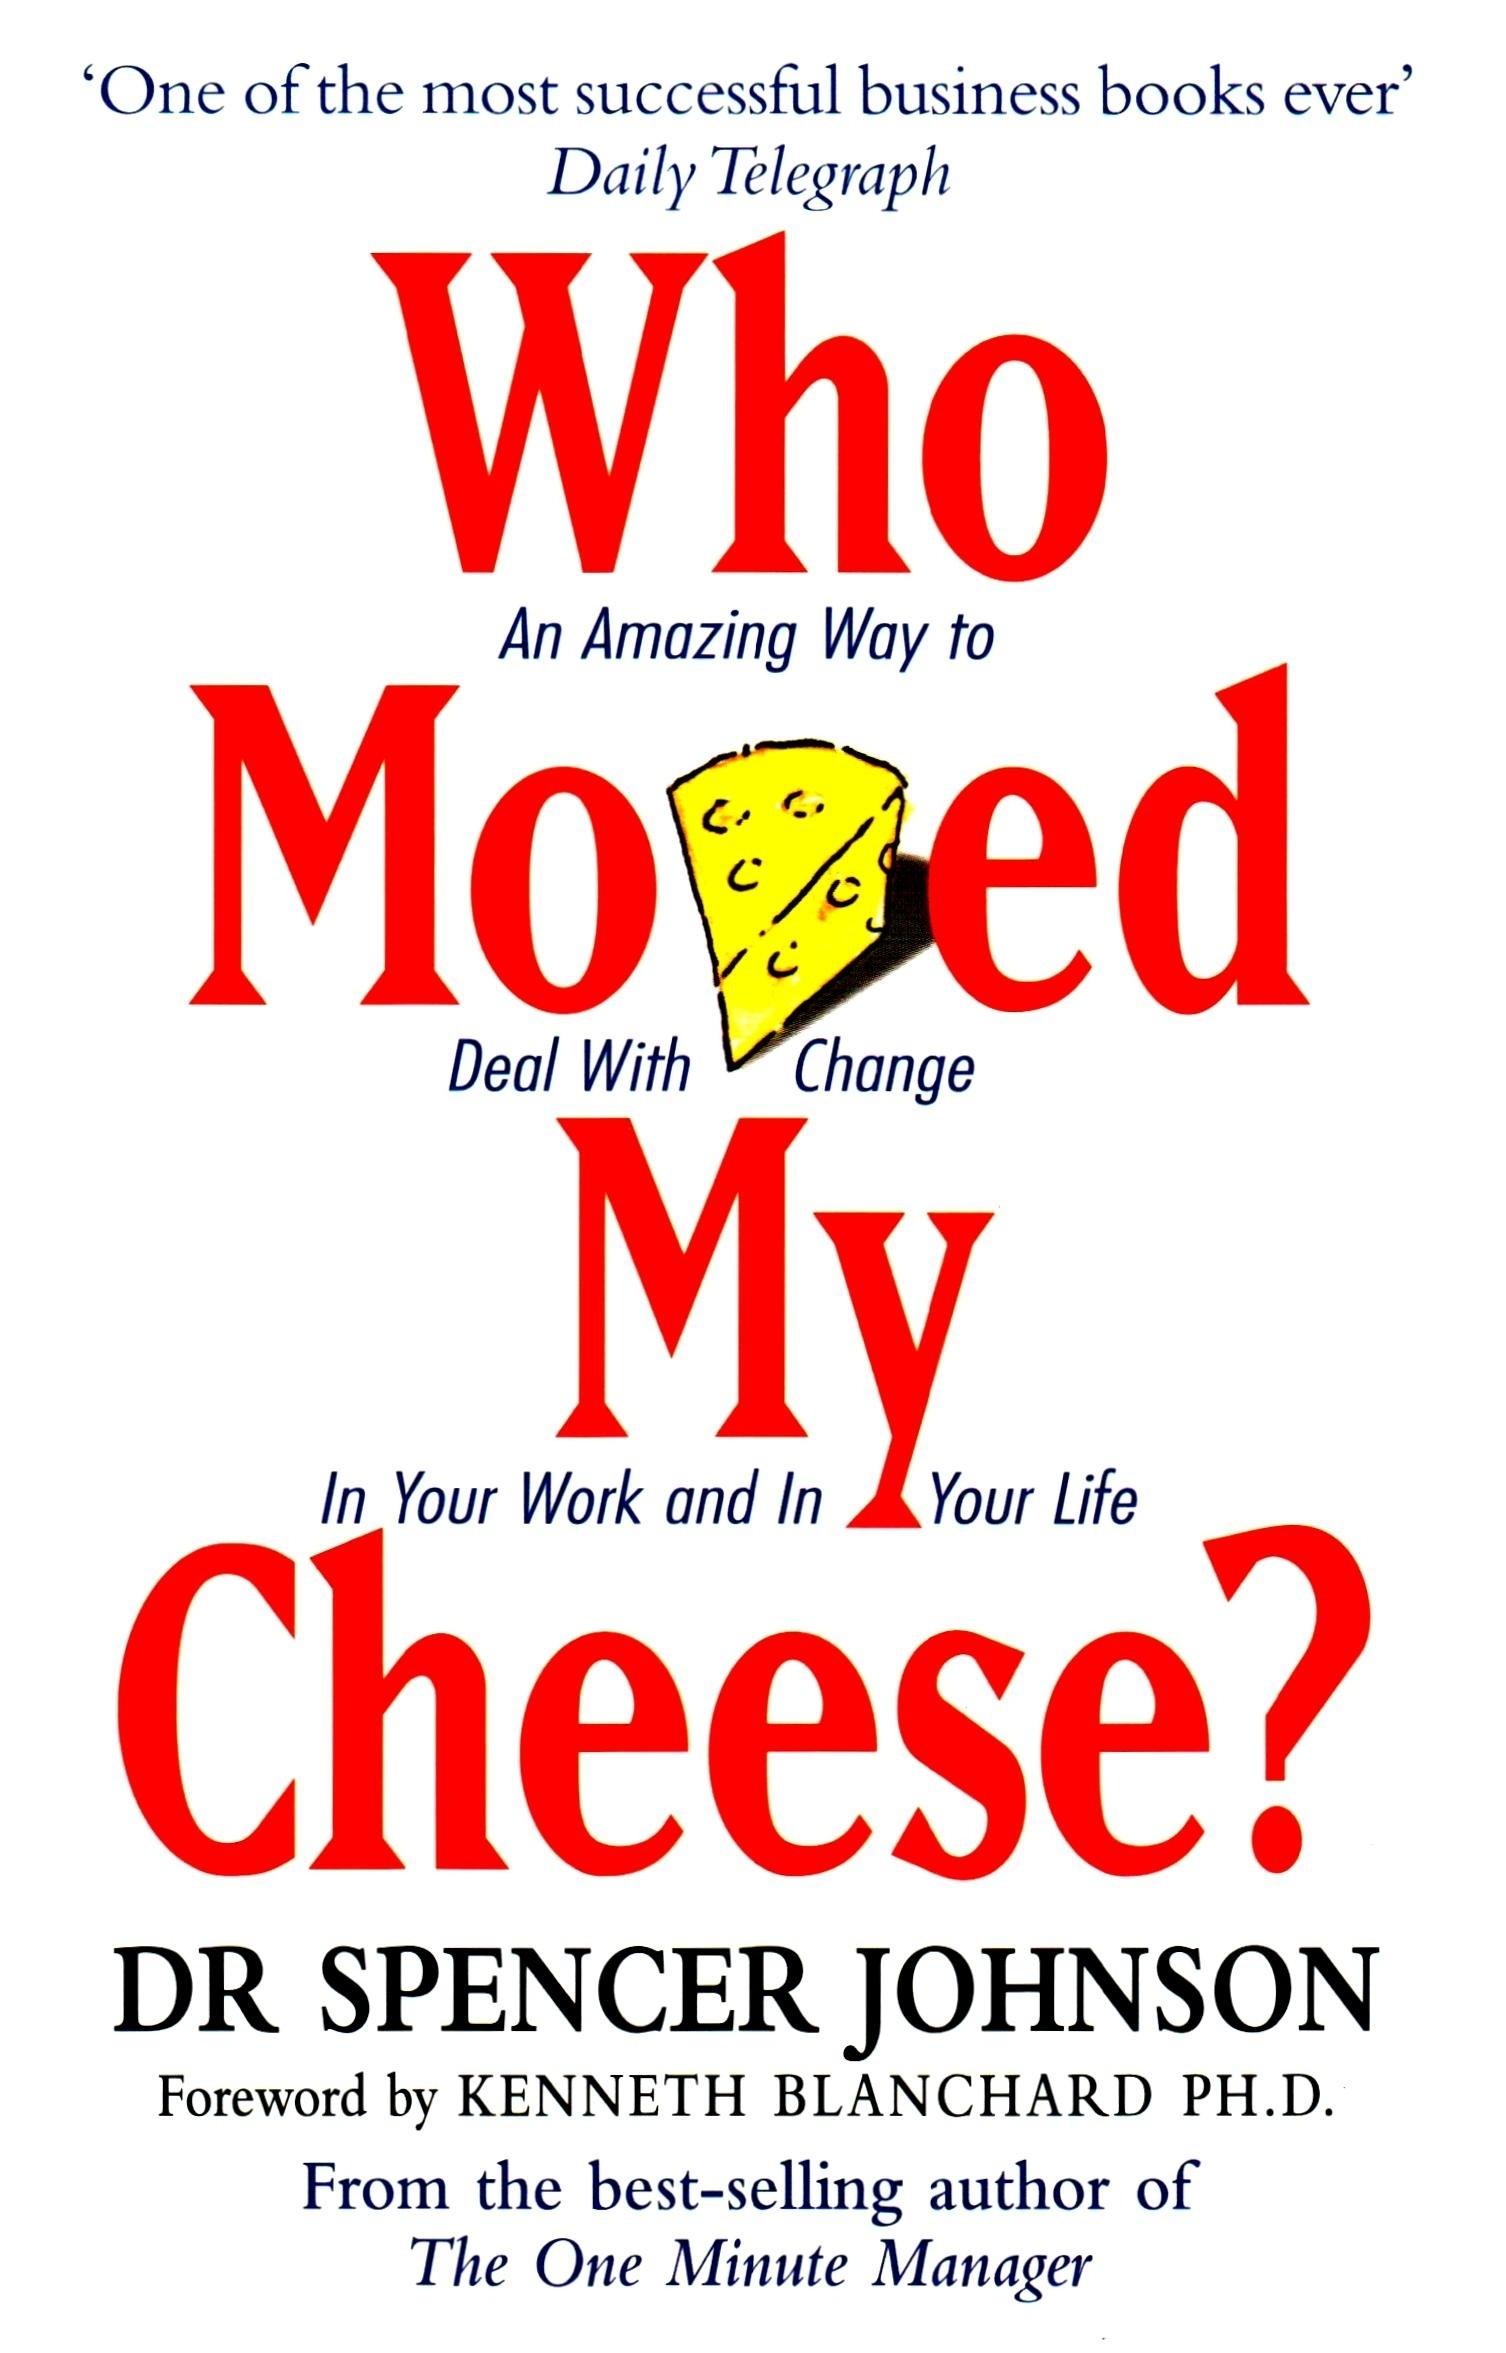 who-moved-my-cheese-original-imadjsaumfeygyzz.jpeg